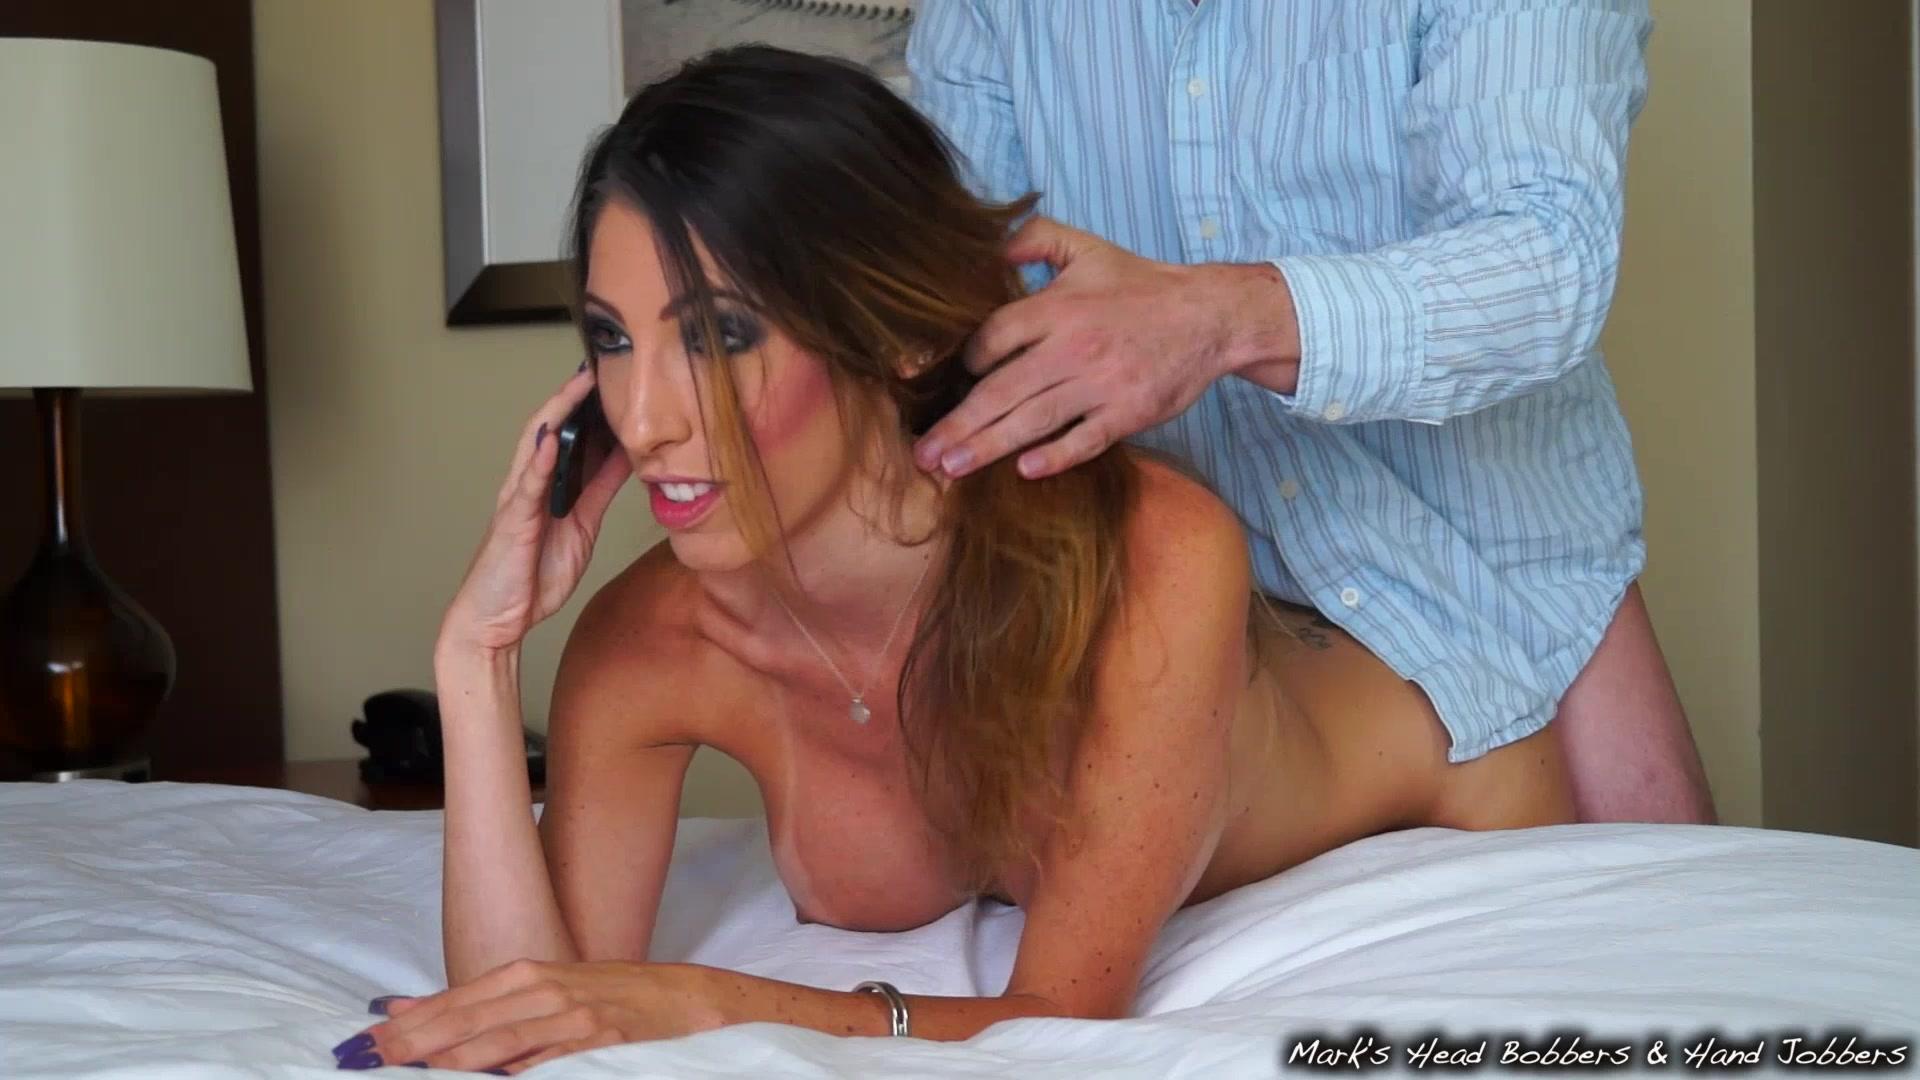 во время секса разговаривает по телефону порно онлайн